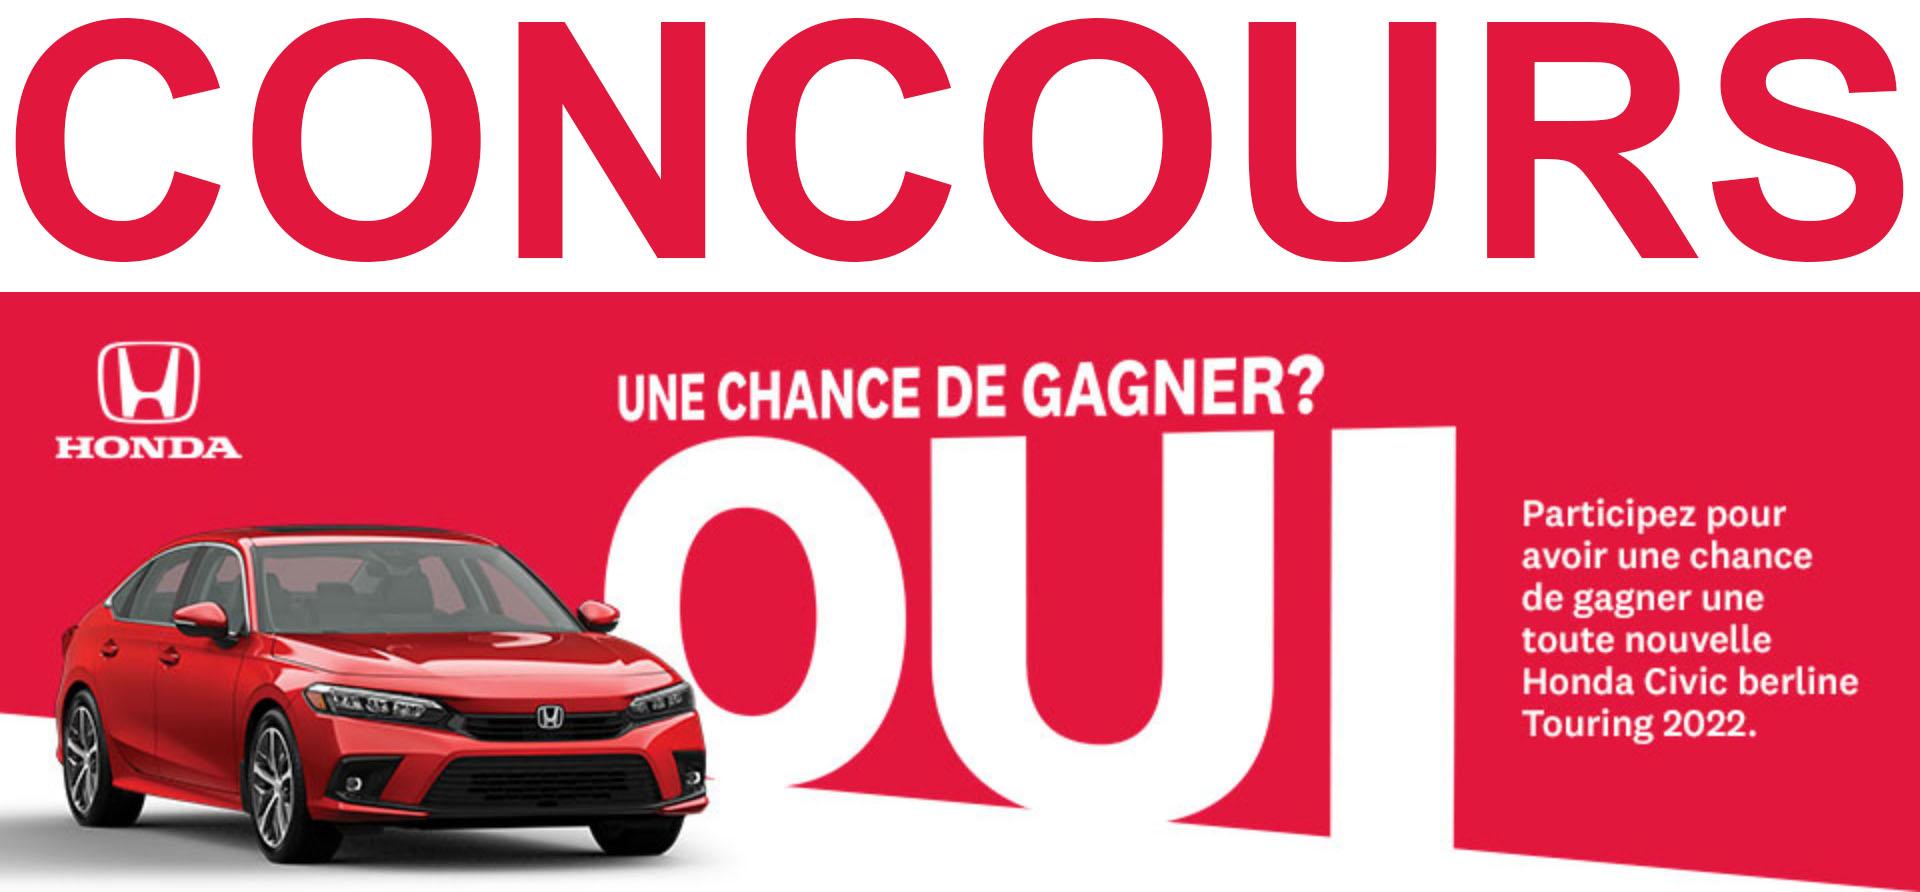 Concours Honda Civic 2022